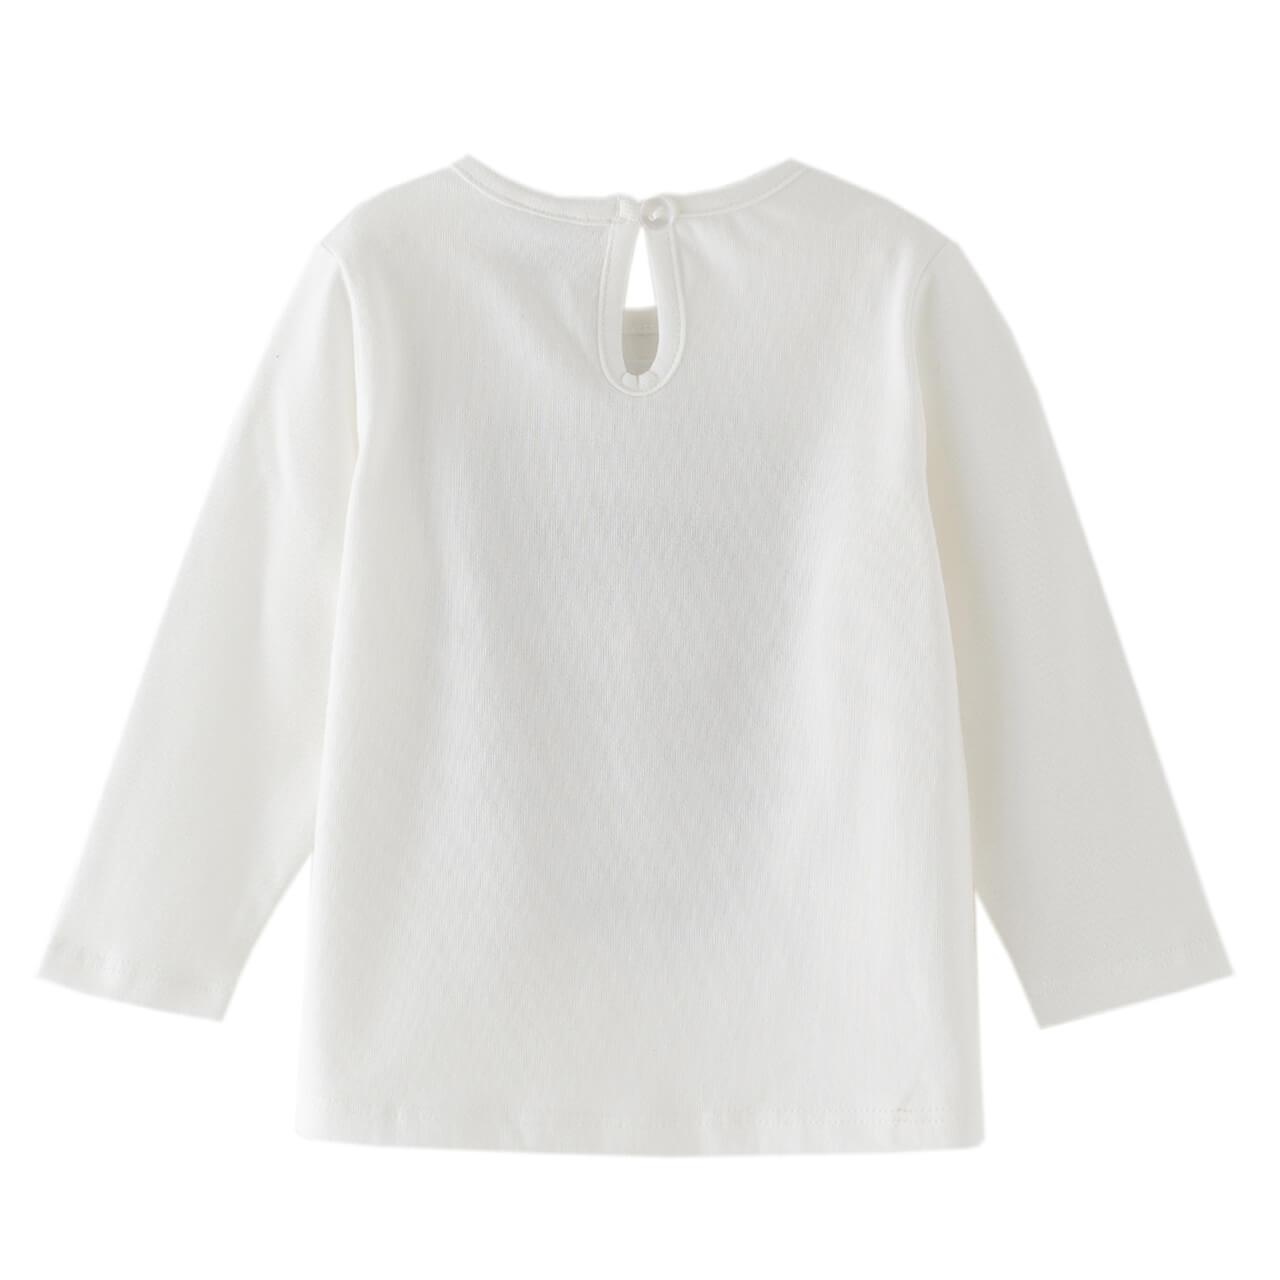 Бебешка памучна блуза с леопардова щампа бяла